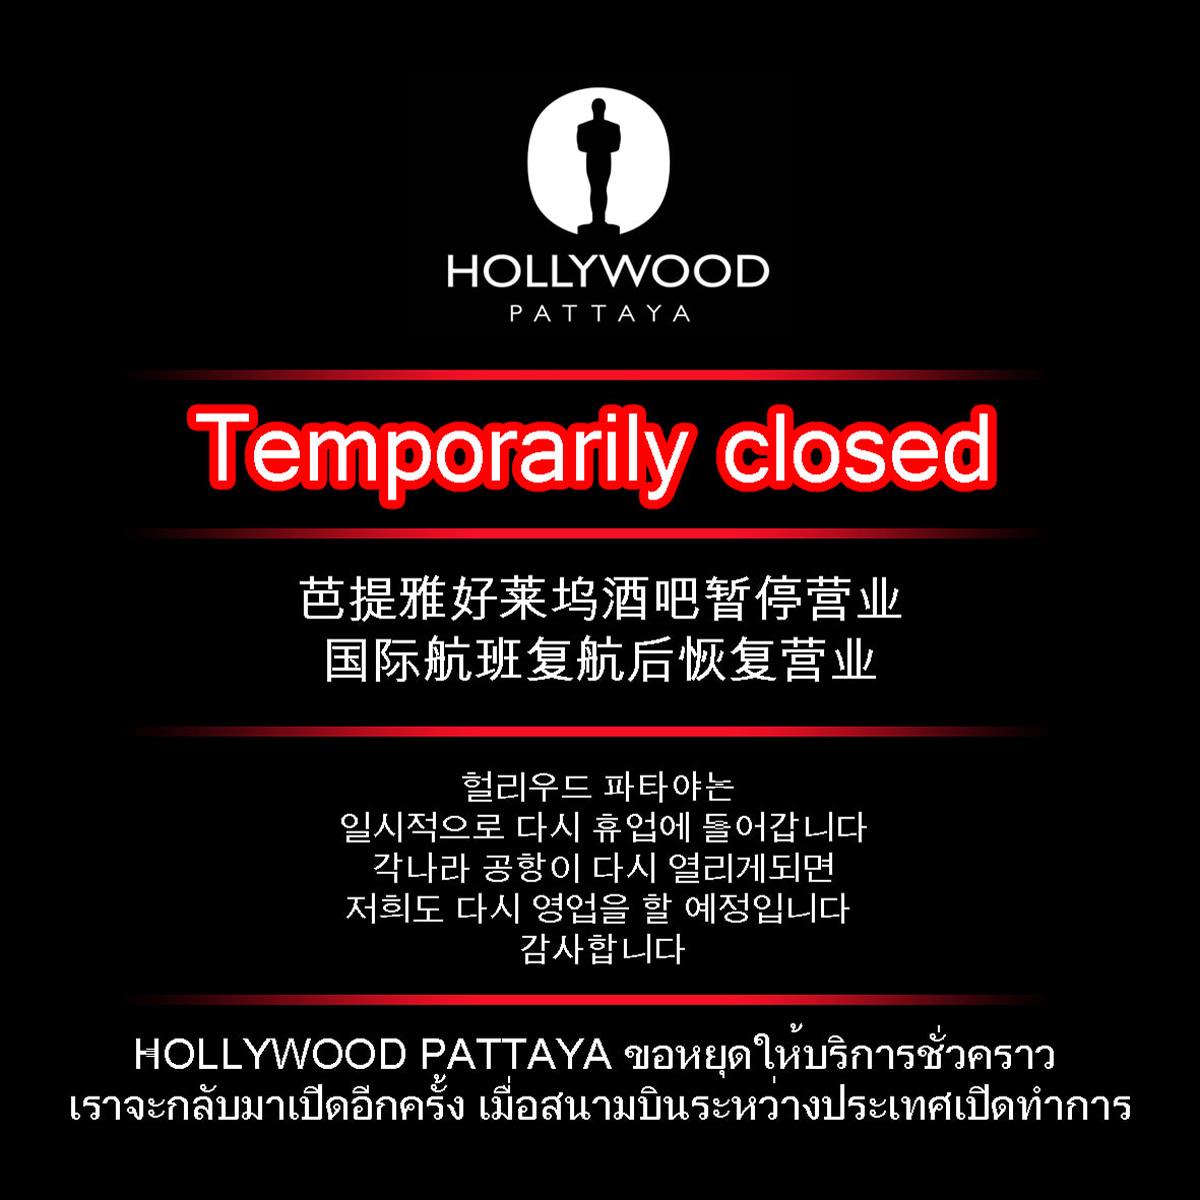 「ハリウッド・パタヤ」が一時閉店、外国人観光客が戻るまで